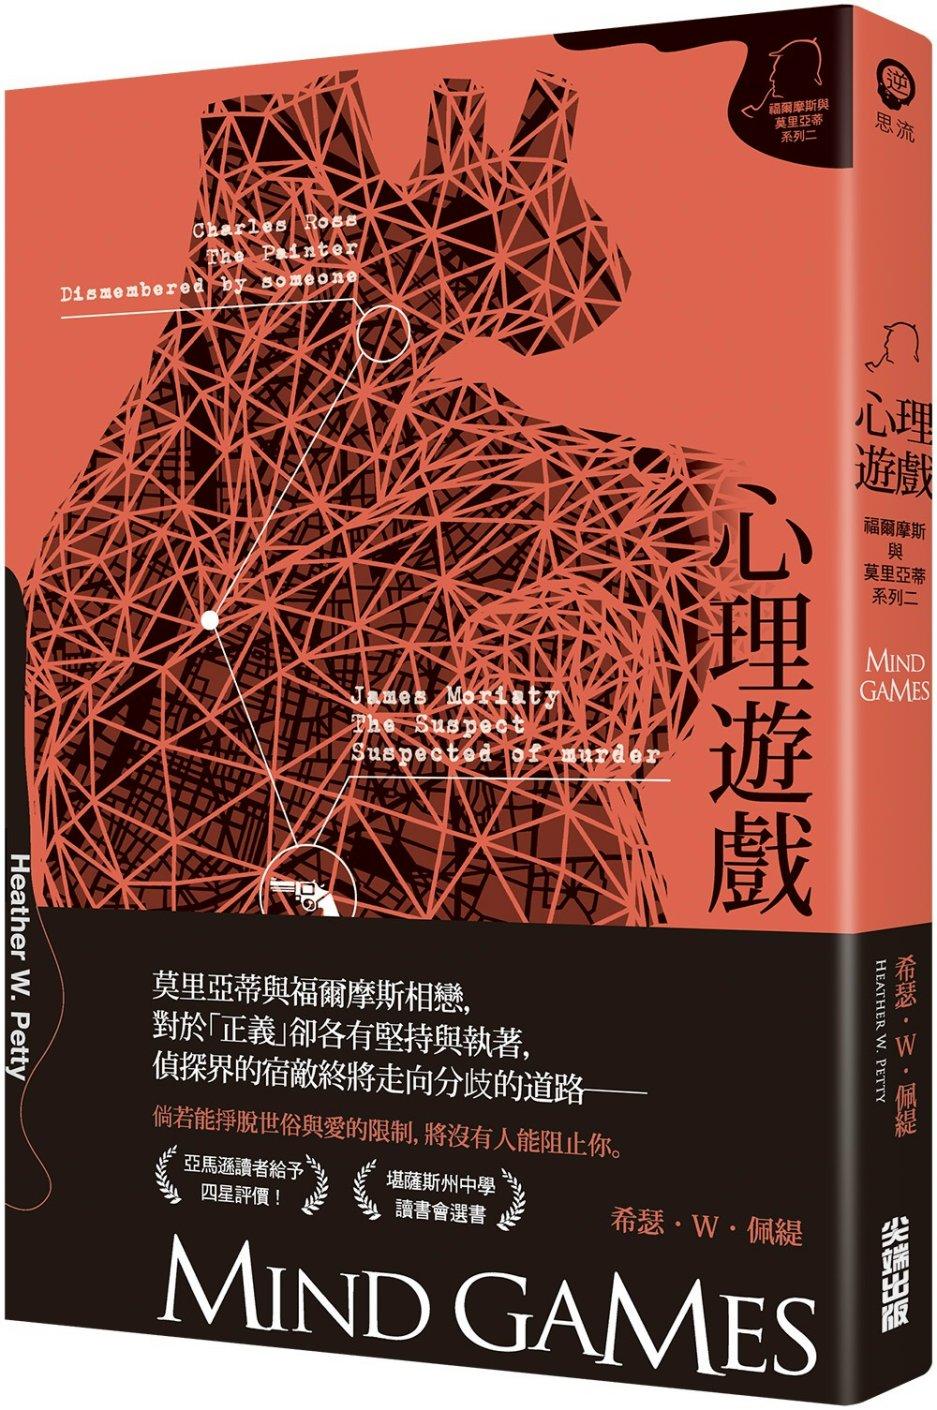 《心理遊戲(福爾摩斯與莫里亞蒂二)》 商品條碼,ISBN:9789571079158